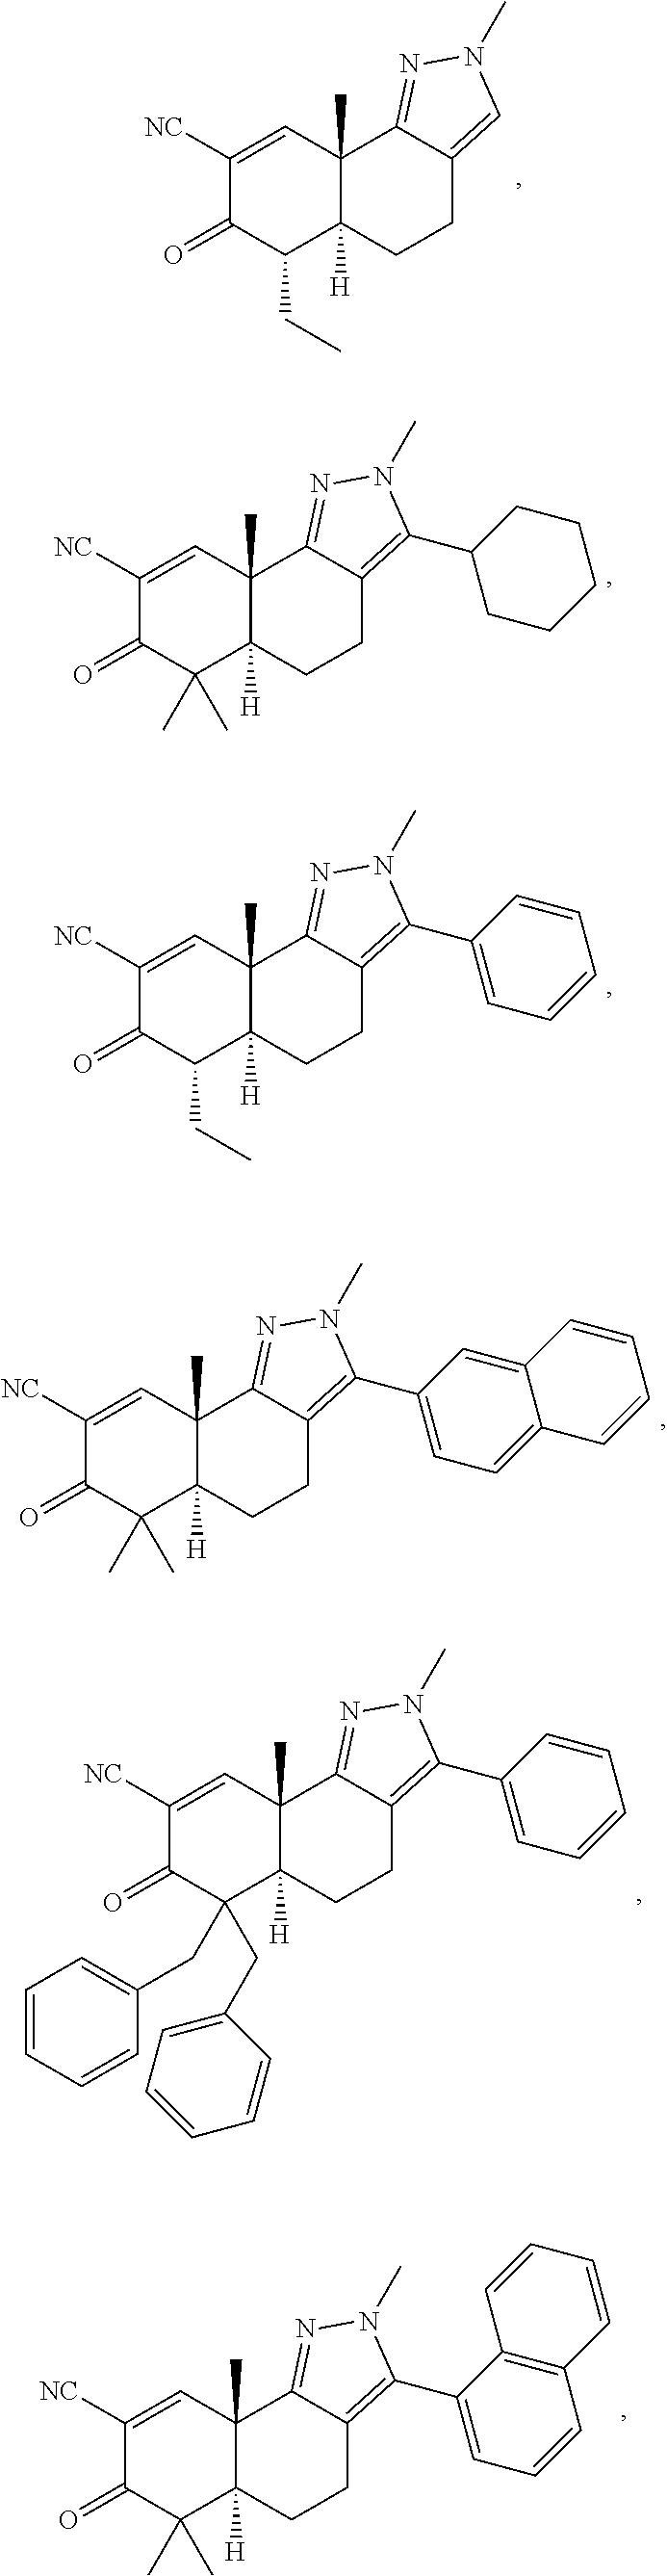 Figure US09174941-20151103-C00016